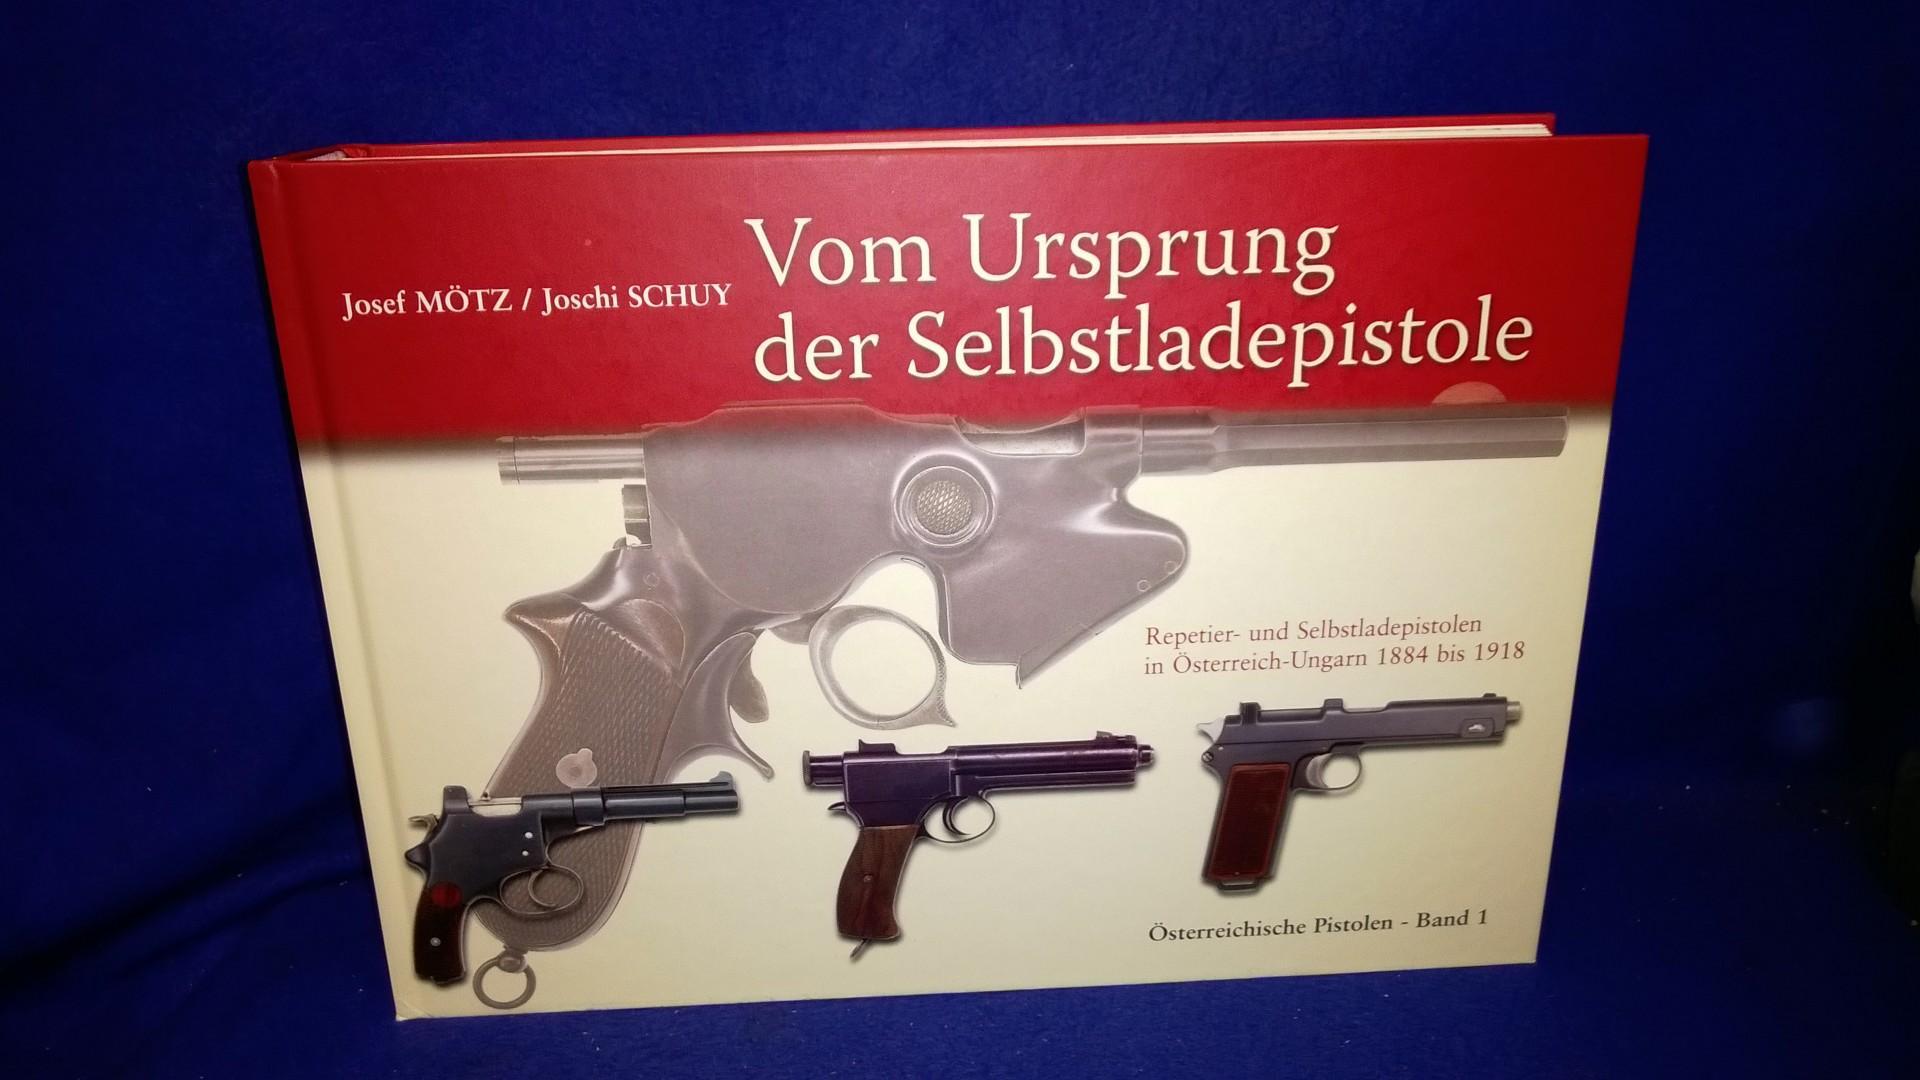 Vom Ursprung der Selbstladepistole: Repetier- und Selbstladepistolen in Österreich-Ungarn 1884 bis 1918. Österreichische Pistolen-Band 1.